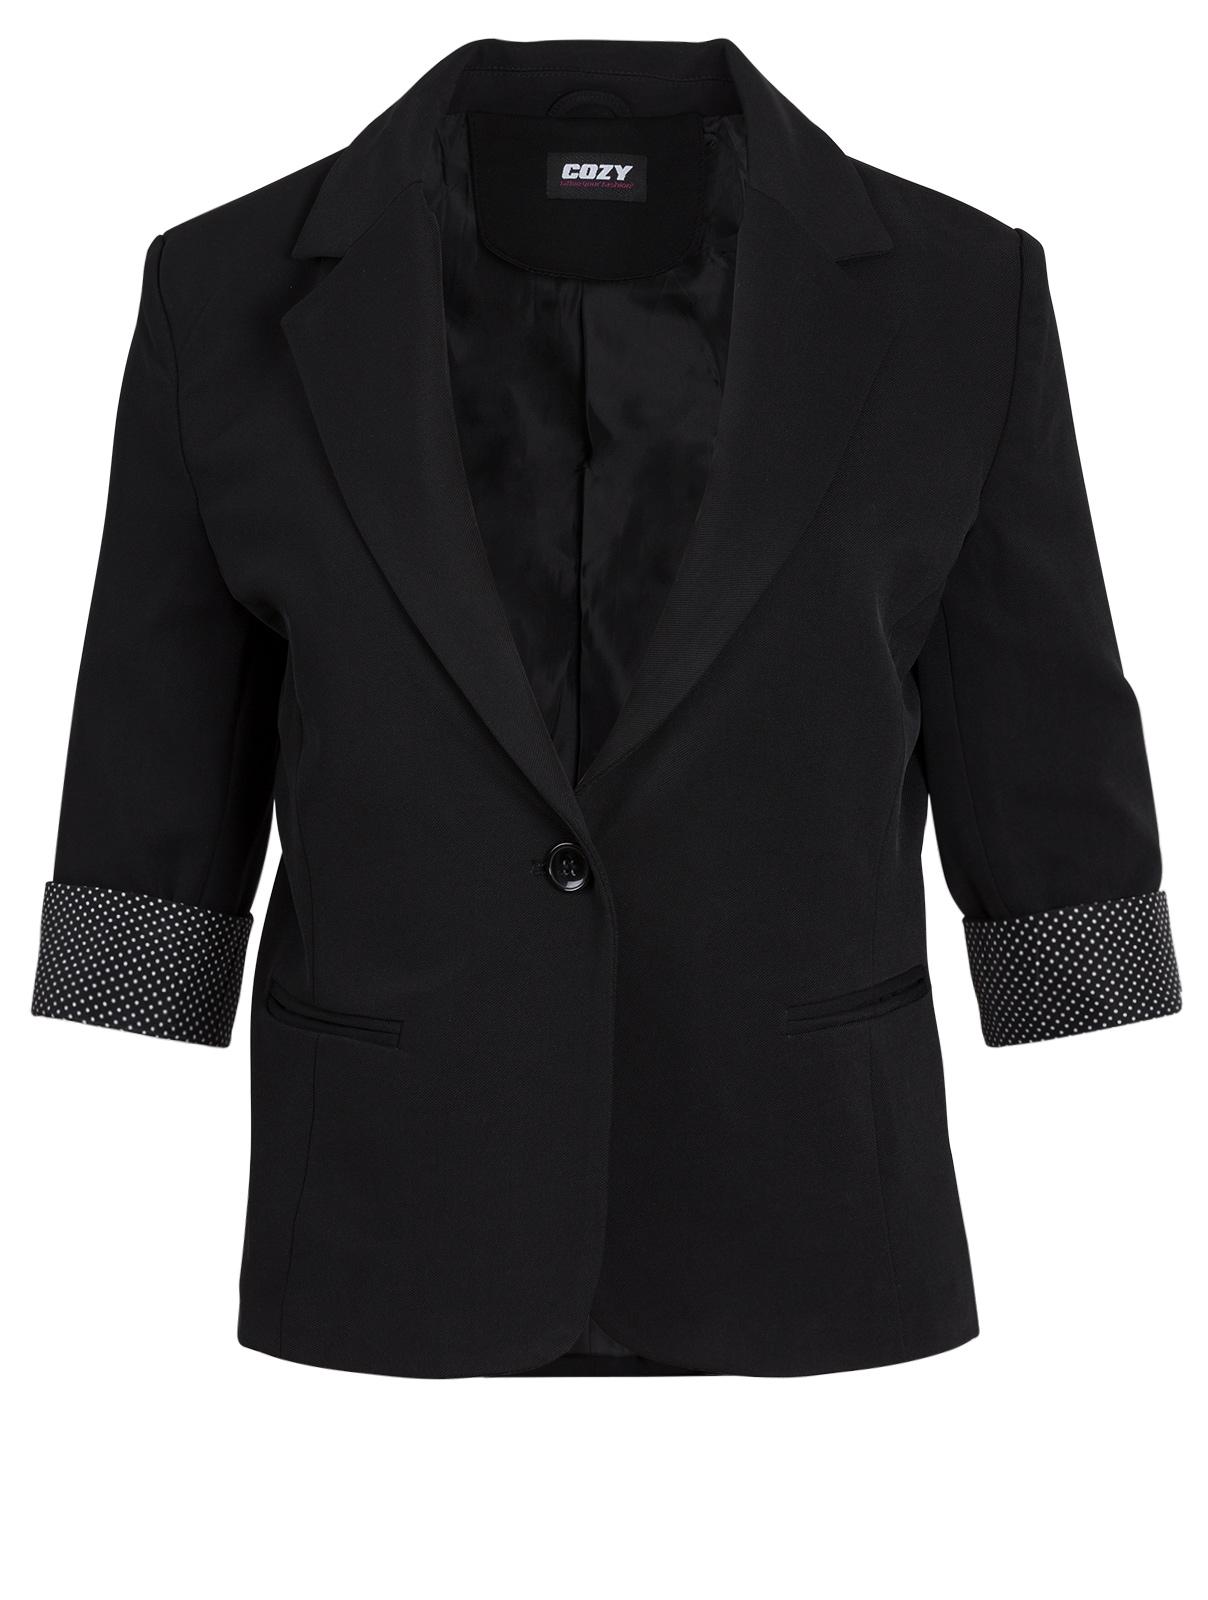 Κοντό Γυναικείο Σακάκι γυναικεία   πανωφόρια   σακάκια